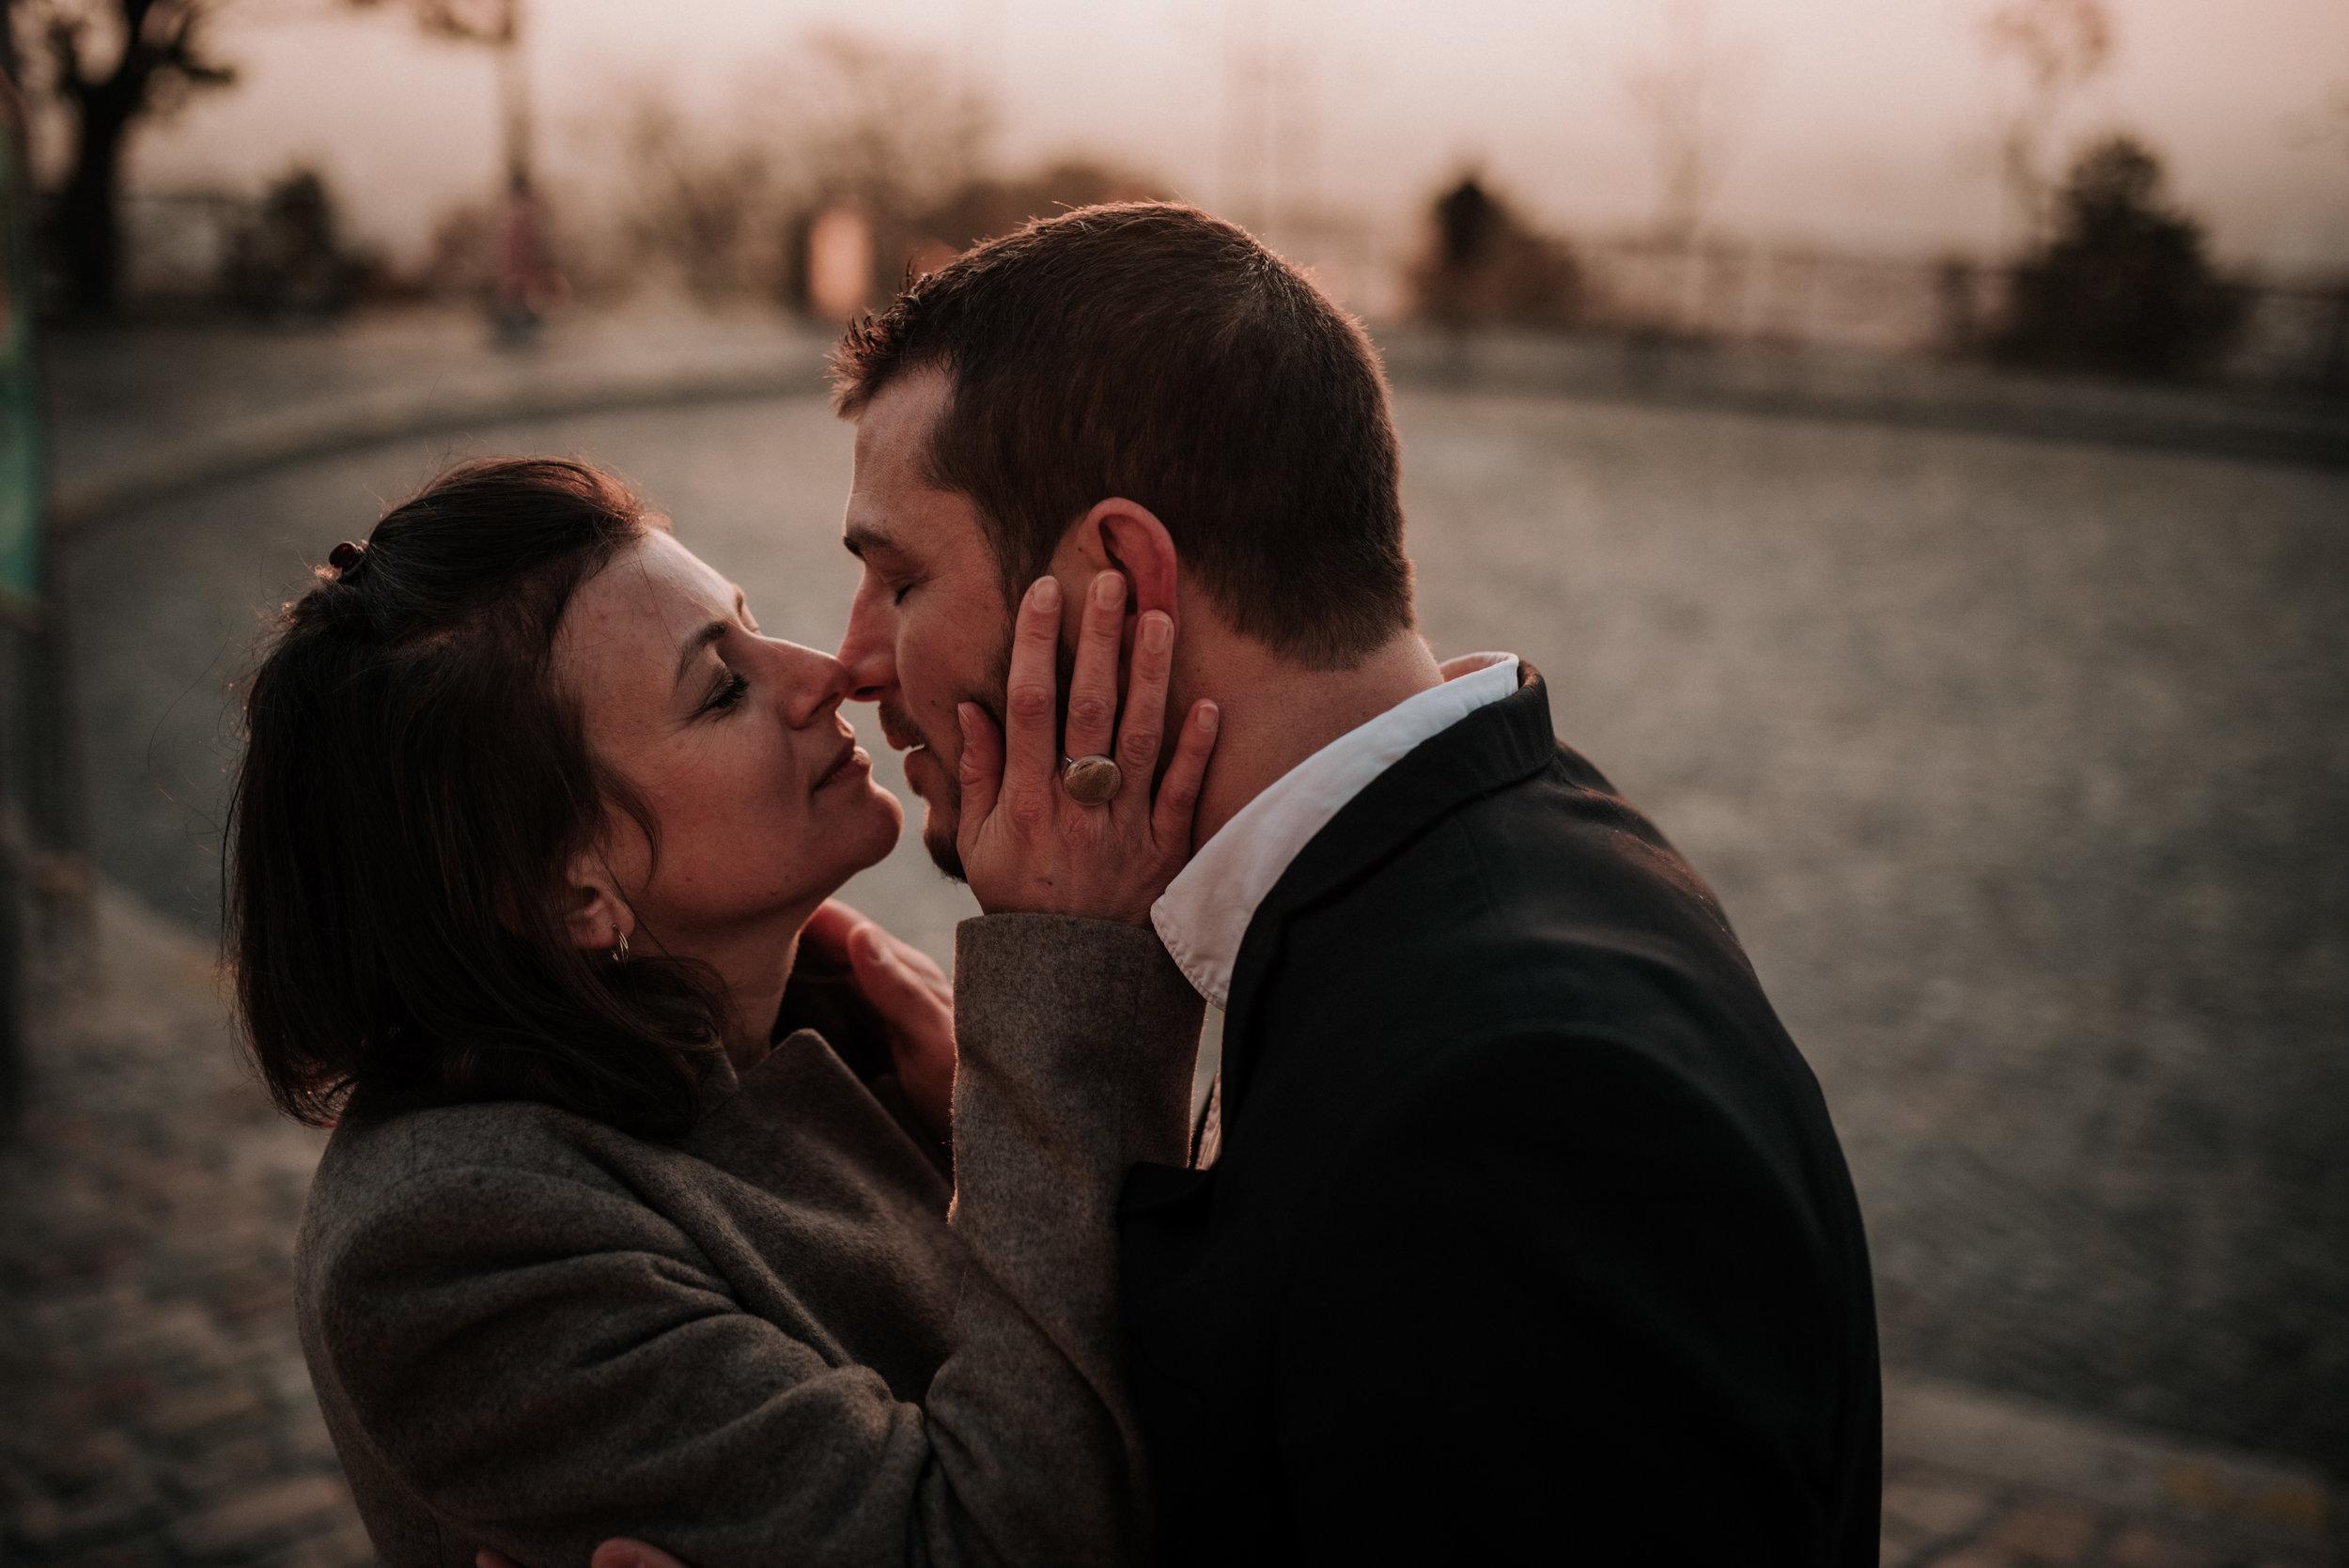 Léa-Fery-photographe-professionnel-lyon-rhone-alpes-portrait-creation-mariage-evenement-evenementiel-famille-5132.jpg